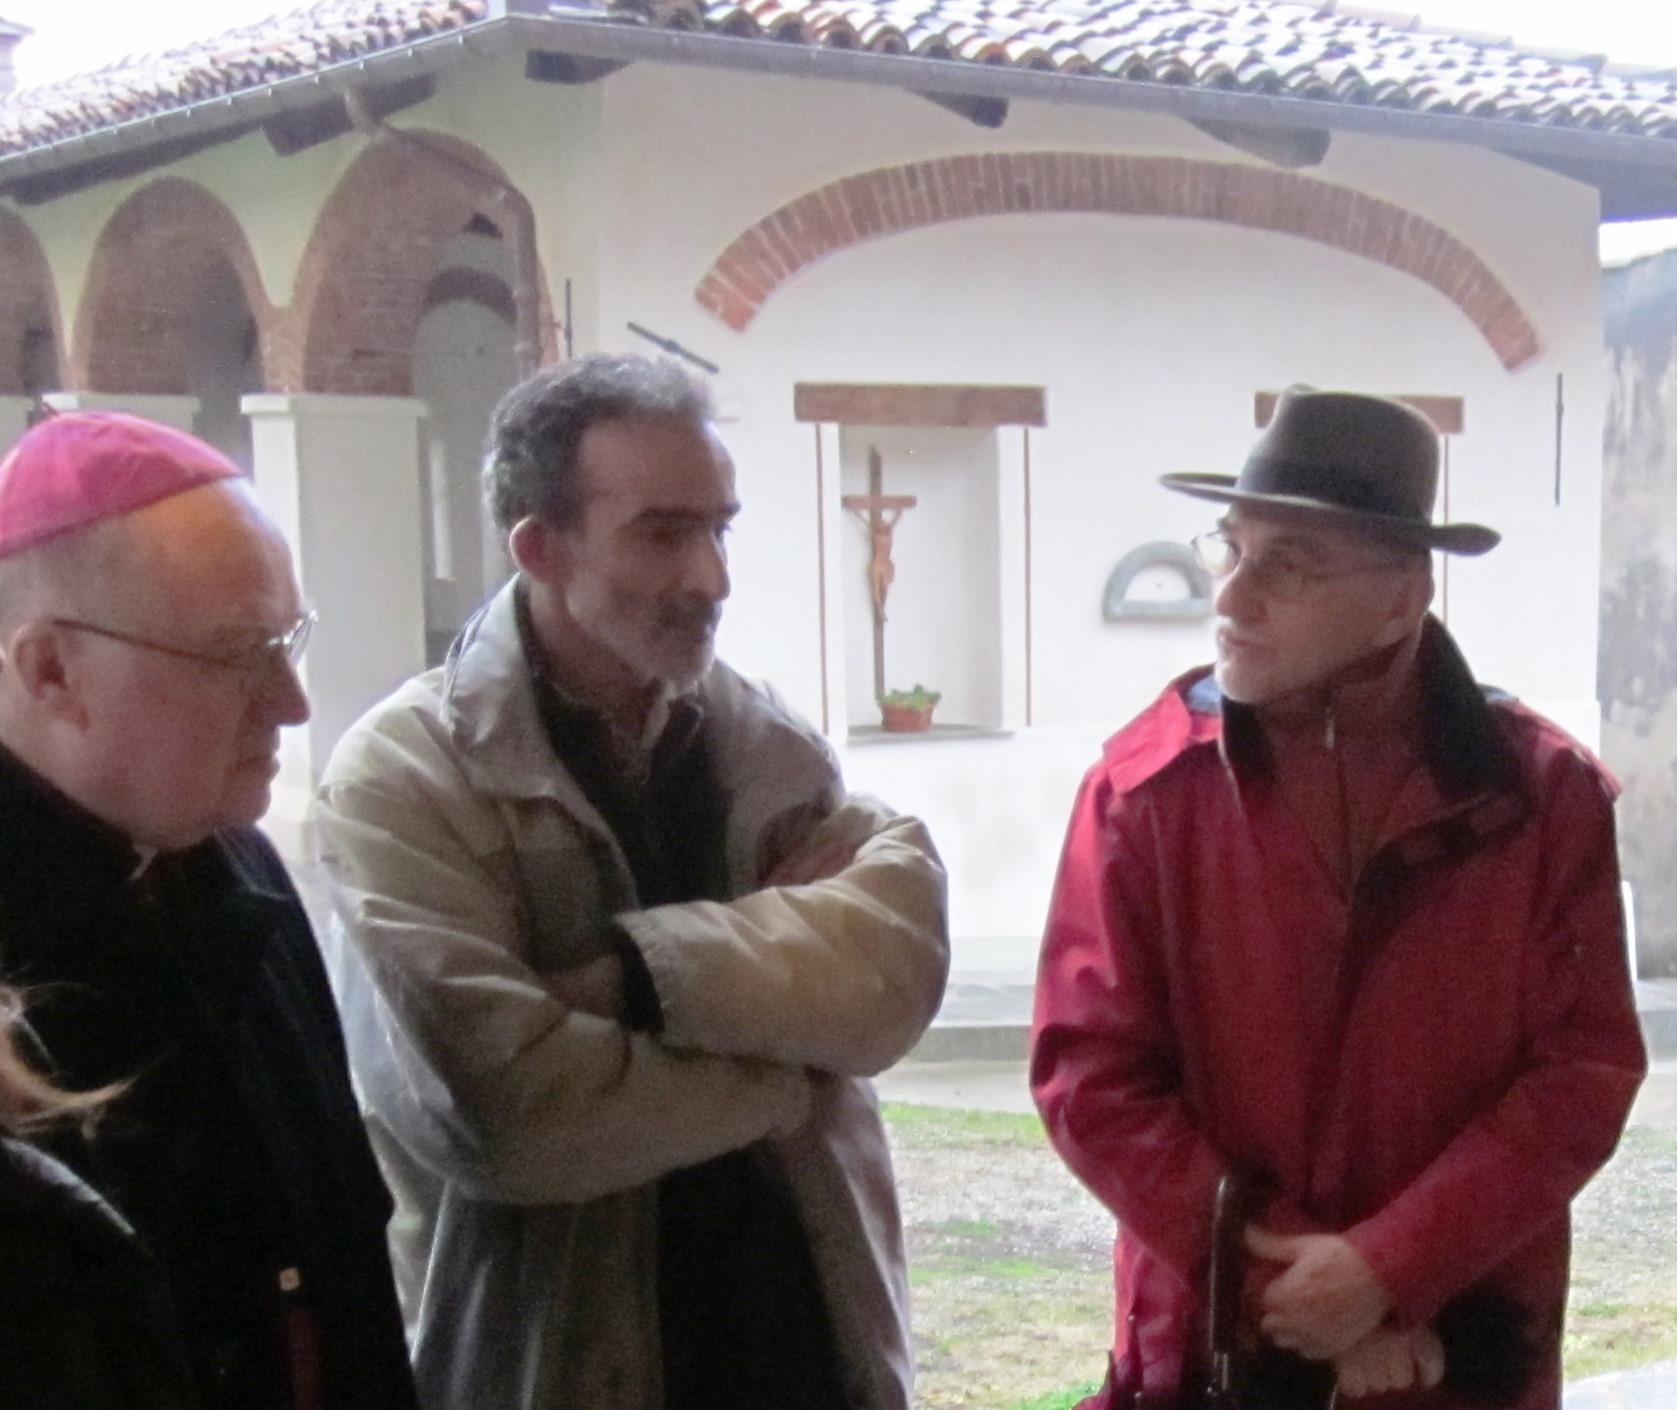 La Commissione per il Dialogo della Diocesi di Pinerolo: preghiamo ad una voce sola il Dio Unico